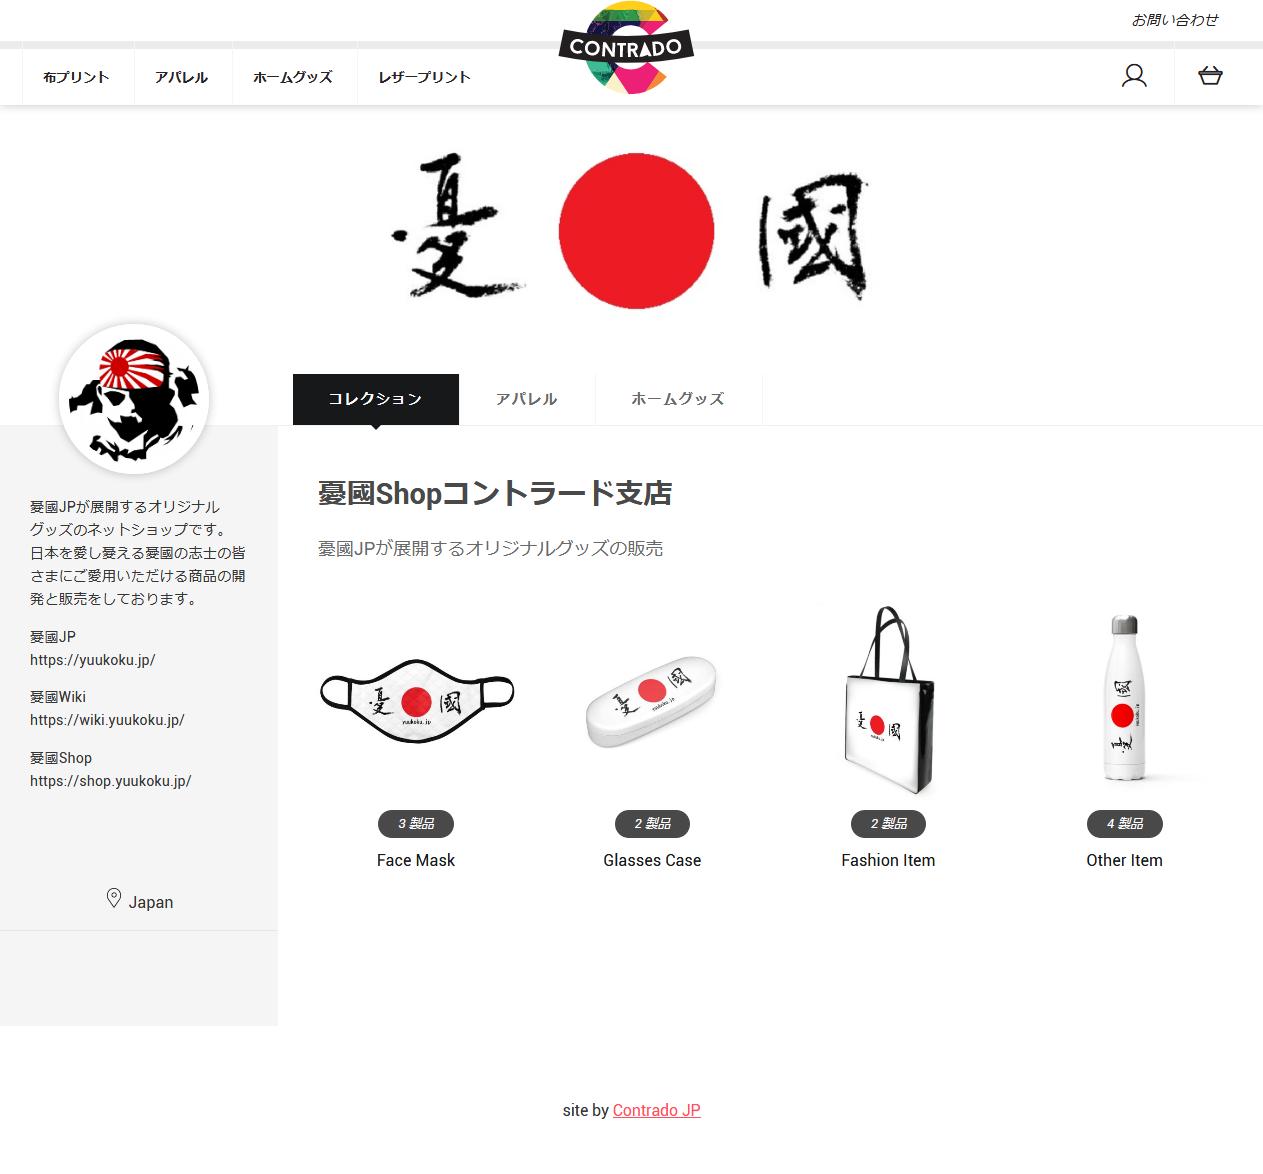 憂國Shopコントラード支店オープン!